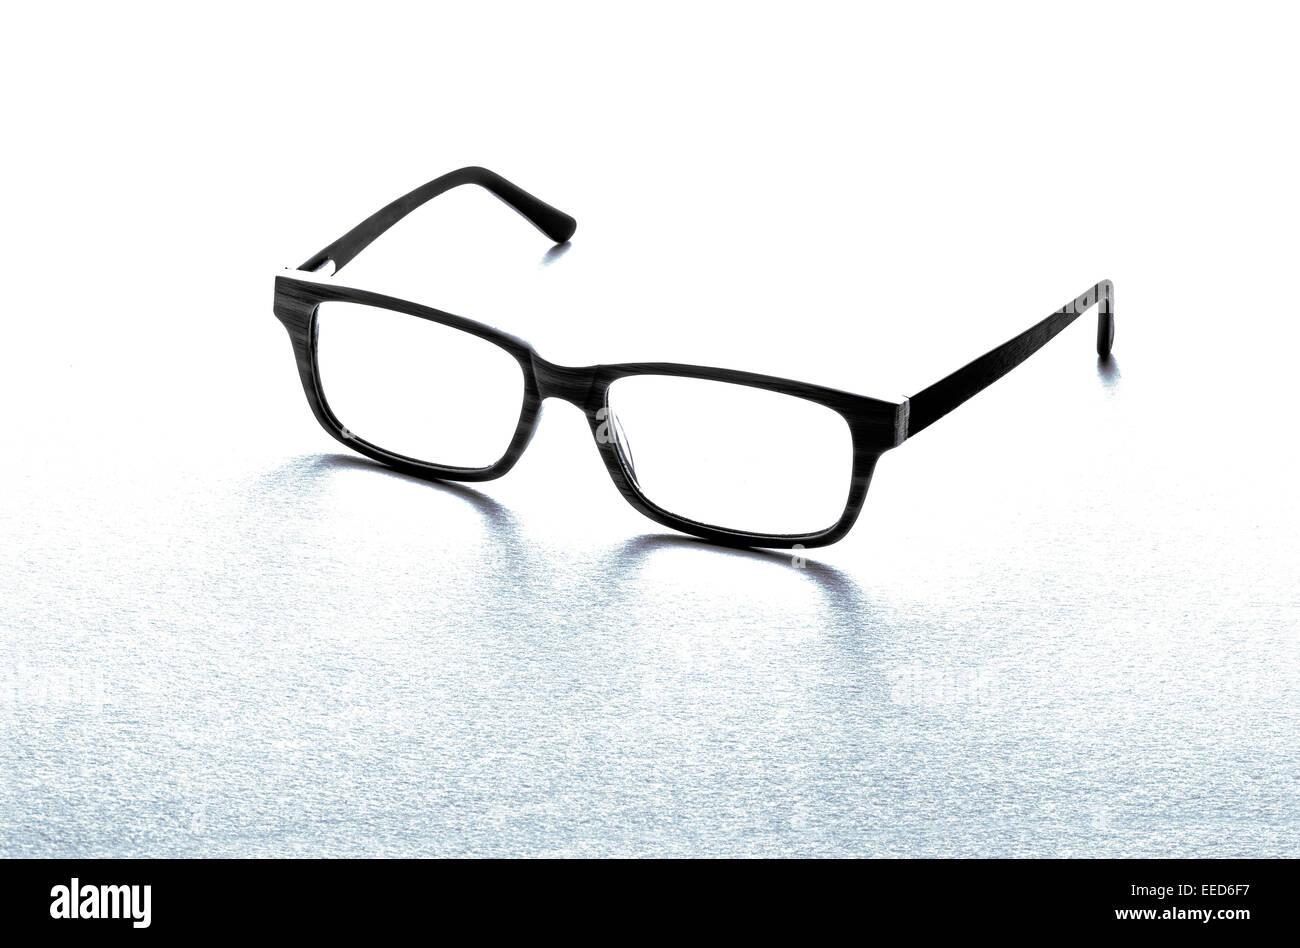 Wunderbar Schwarz Gerahmte Brille Ideen - Benutzerdefinierte ...